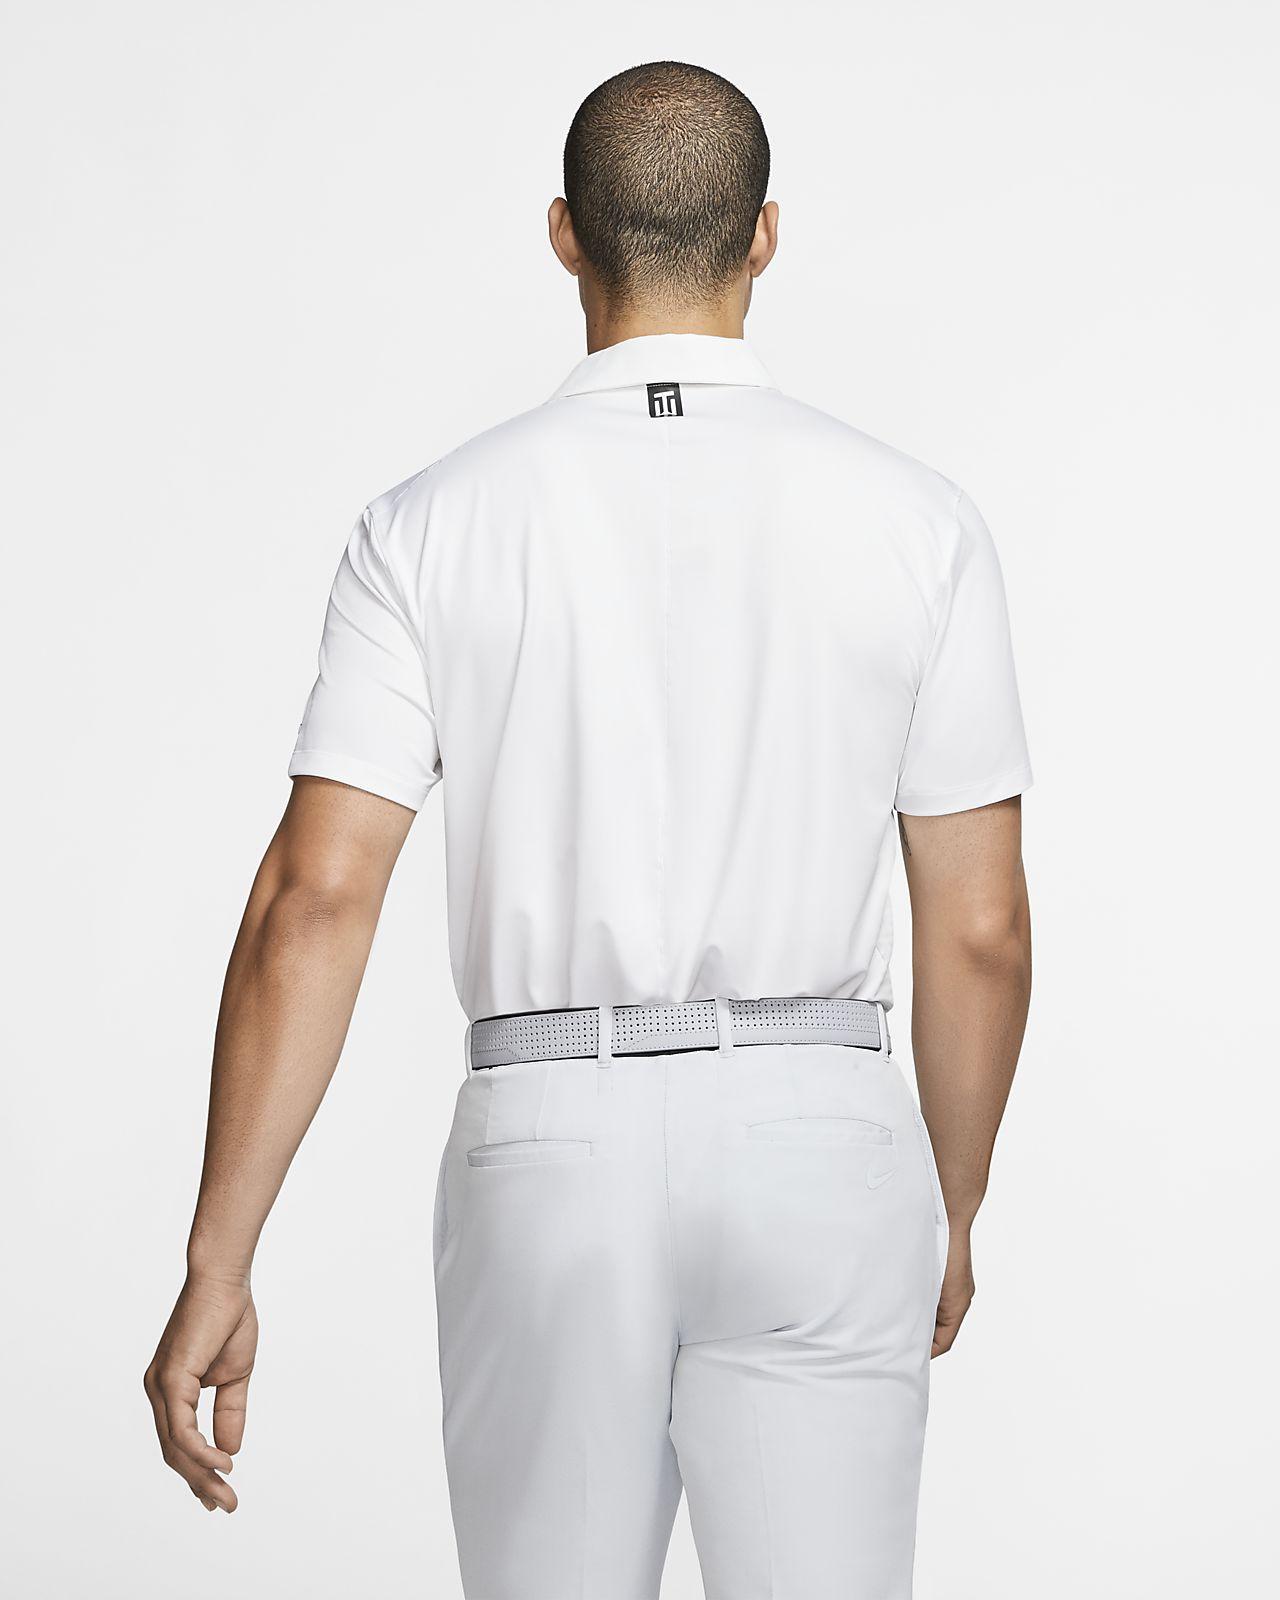 f3eca611 Nike Dri-FIT Tiger Woods Vapor Men's Striped Golf Polo. Nike.com CH